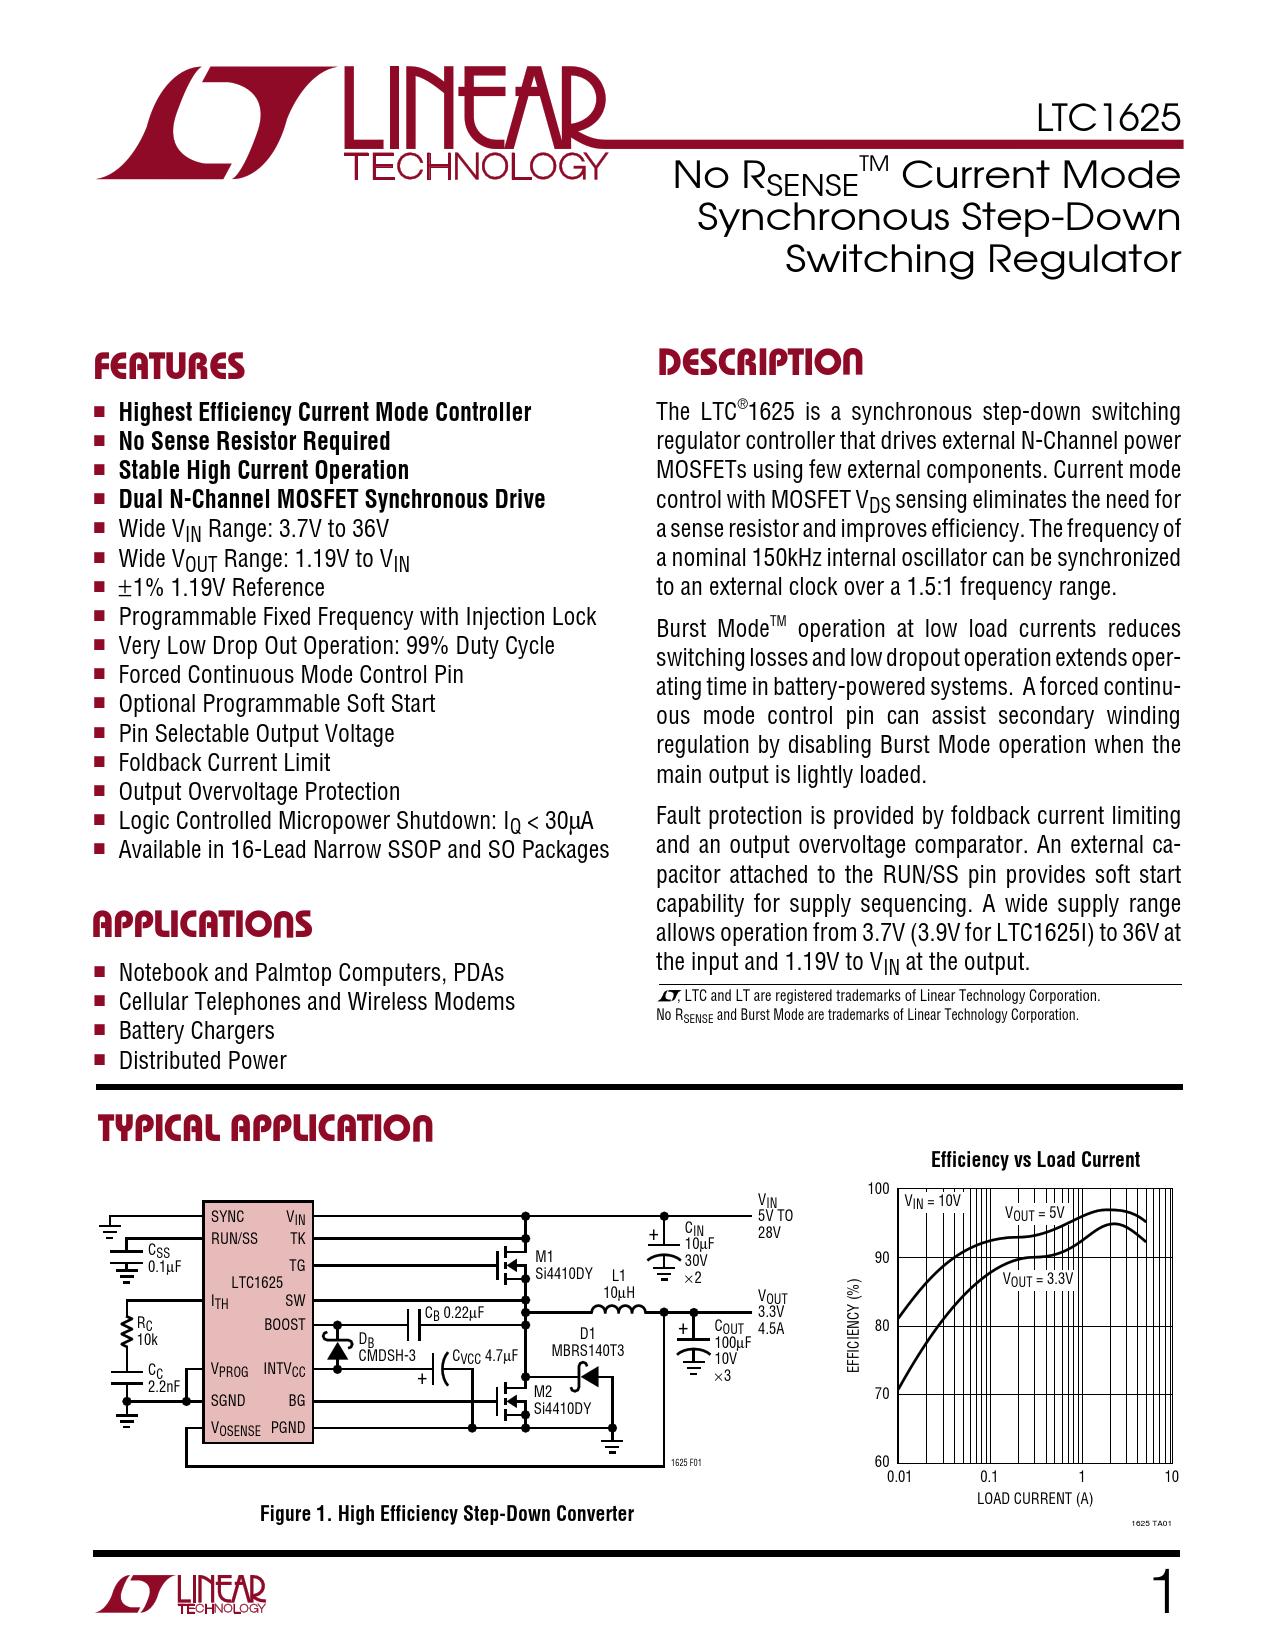 Datasheet LTC1625 Analog Devices